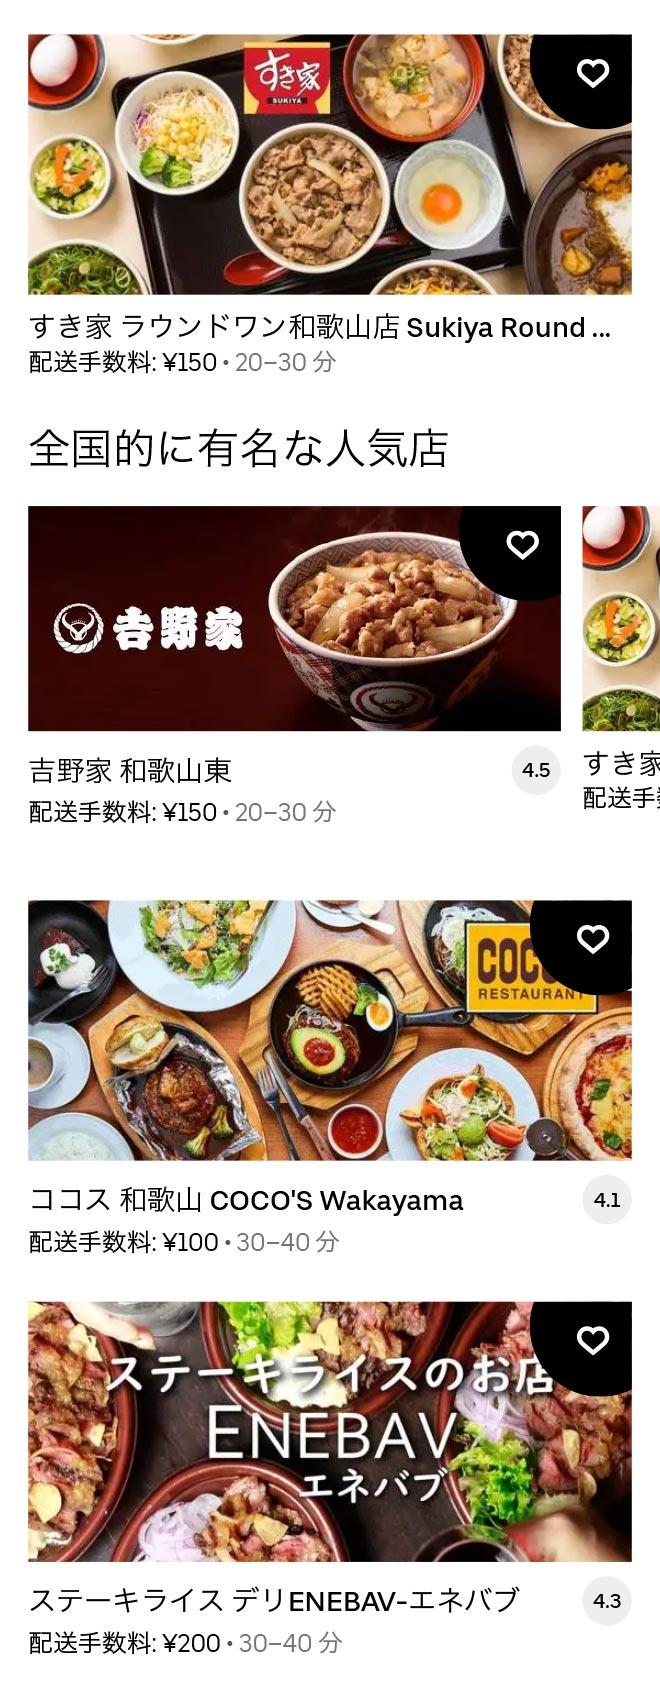 U miyamae menu 2104 06